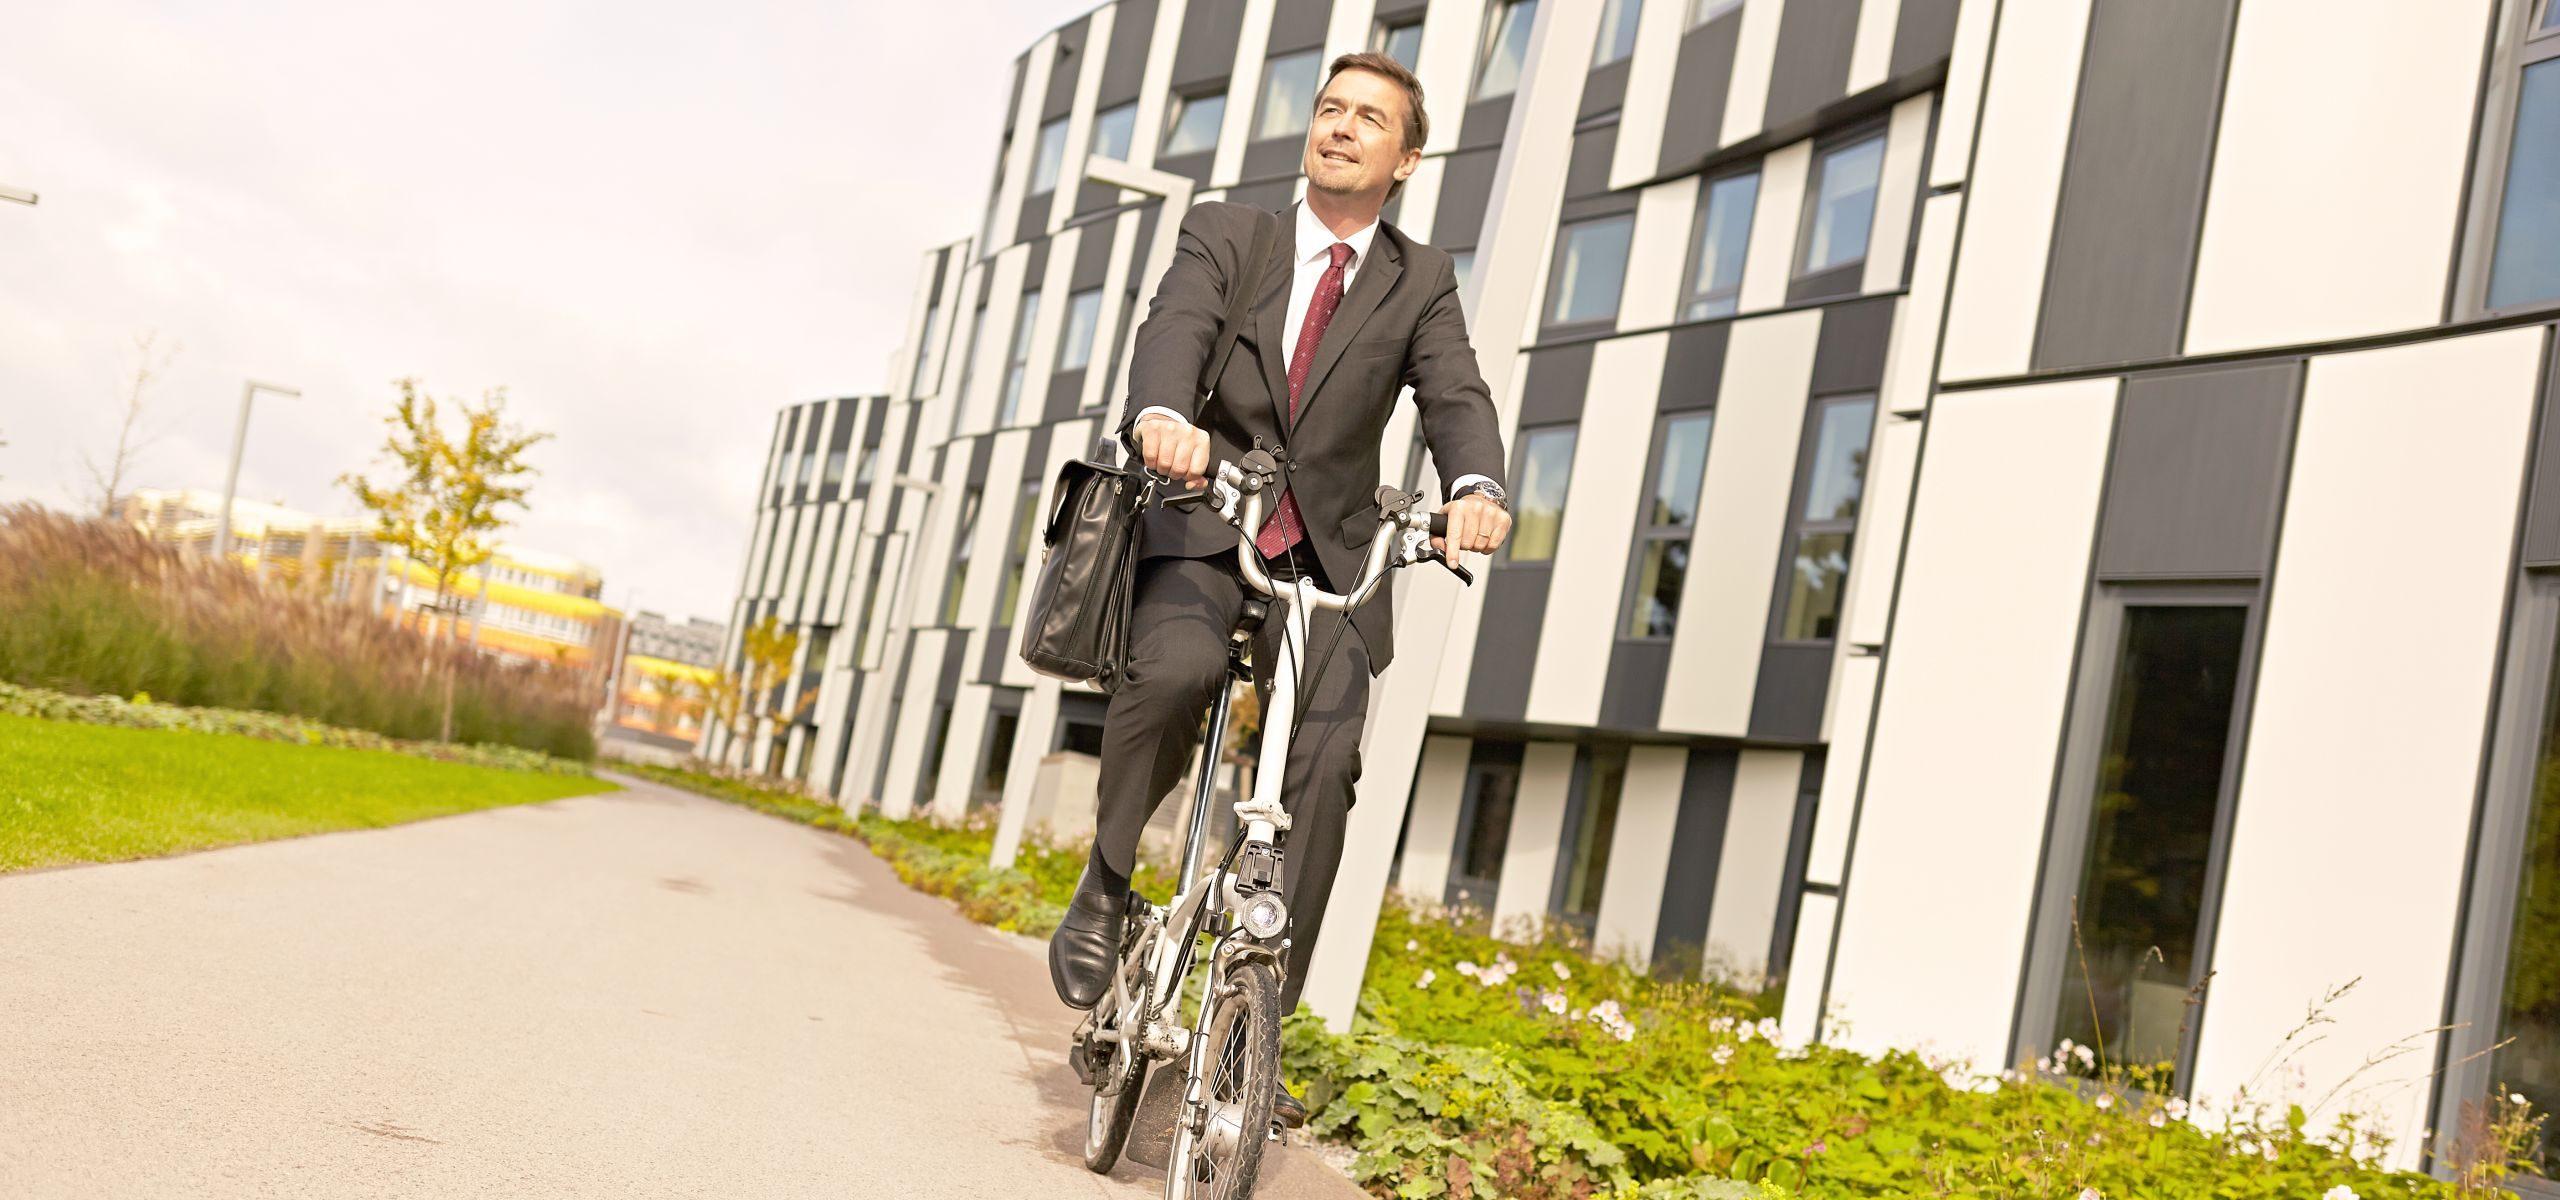 Mann fährt auf seinem Klapprad an einem modernen Gebäude am WU Caampus vorbei.